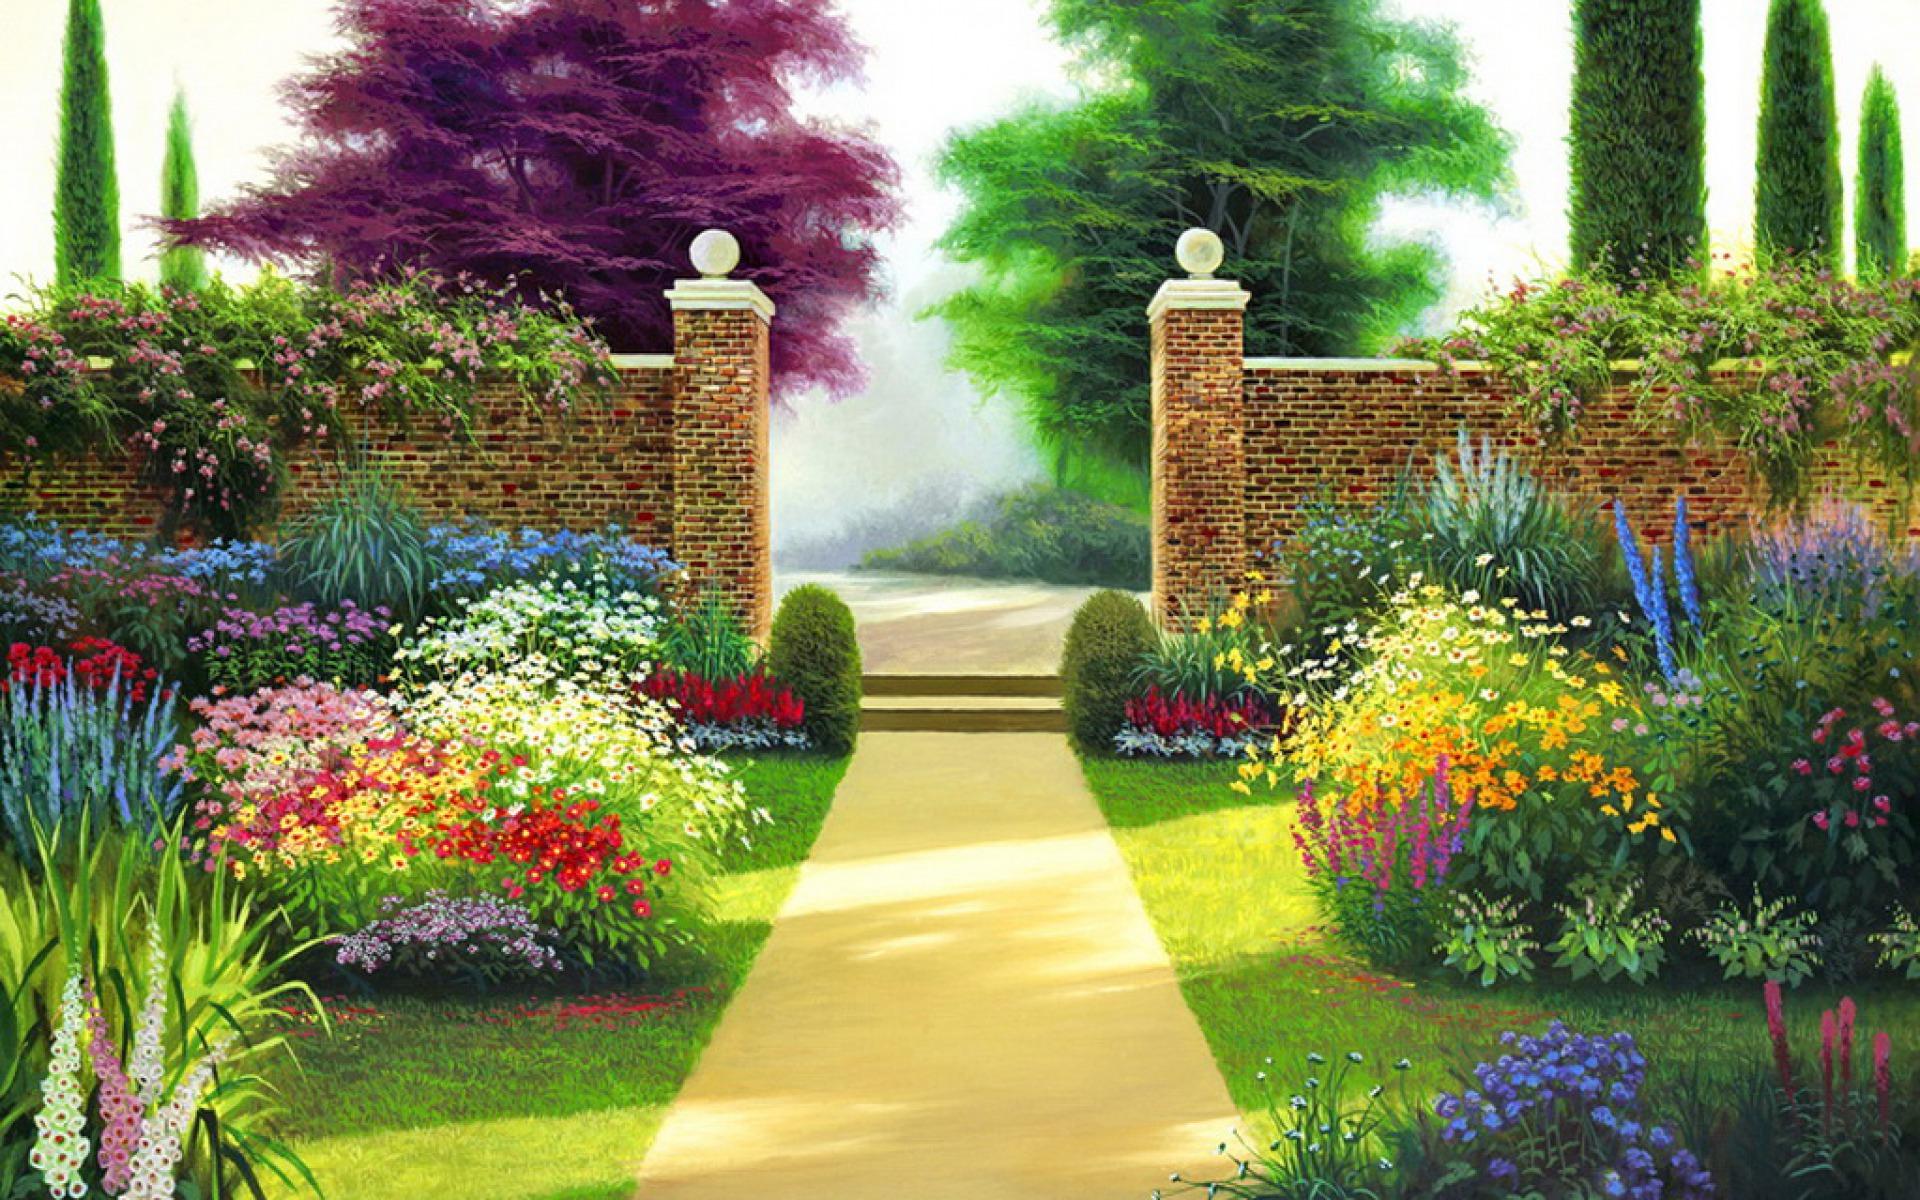 Paisajismo y jardineria rosario - Paisajes y jardines ...